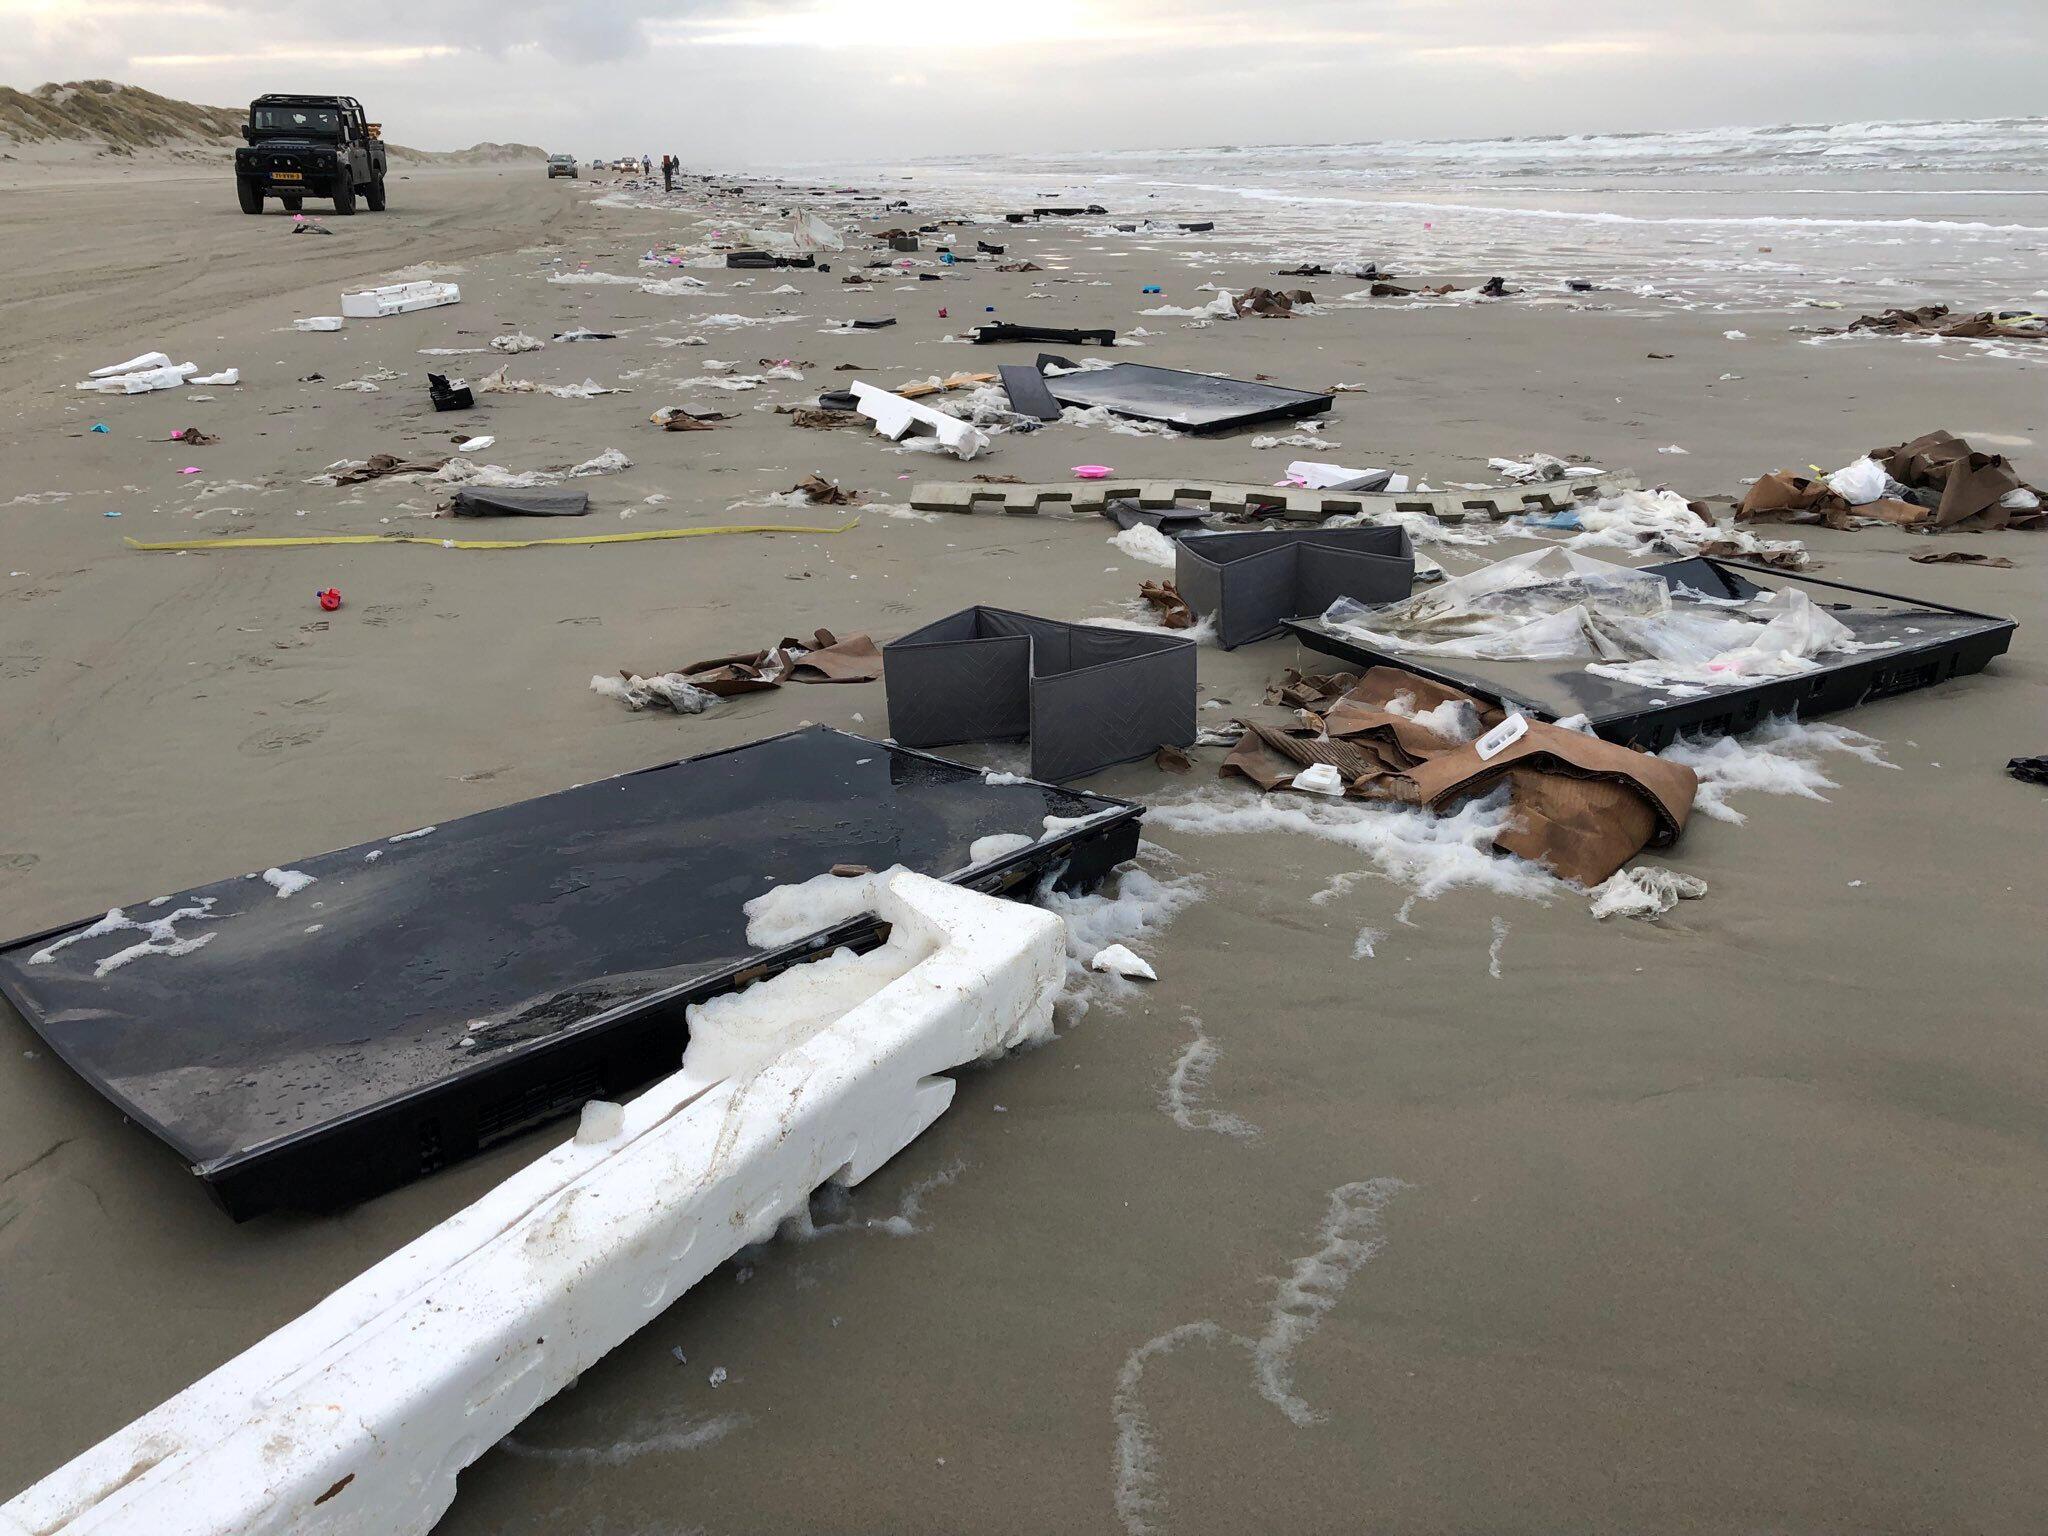 Des écrans de télévision perdus par le MSC Zoe en mer du Nord, ici échoués sur une plage de l'île néerlandaise de Terschelling (Frise).